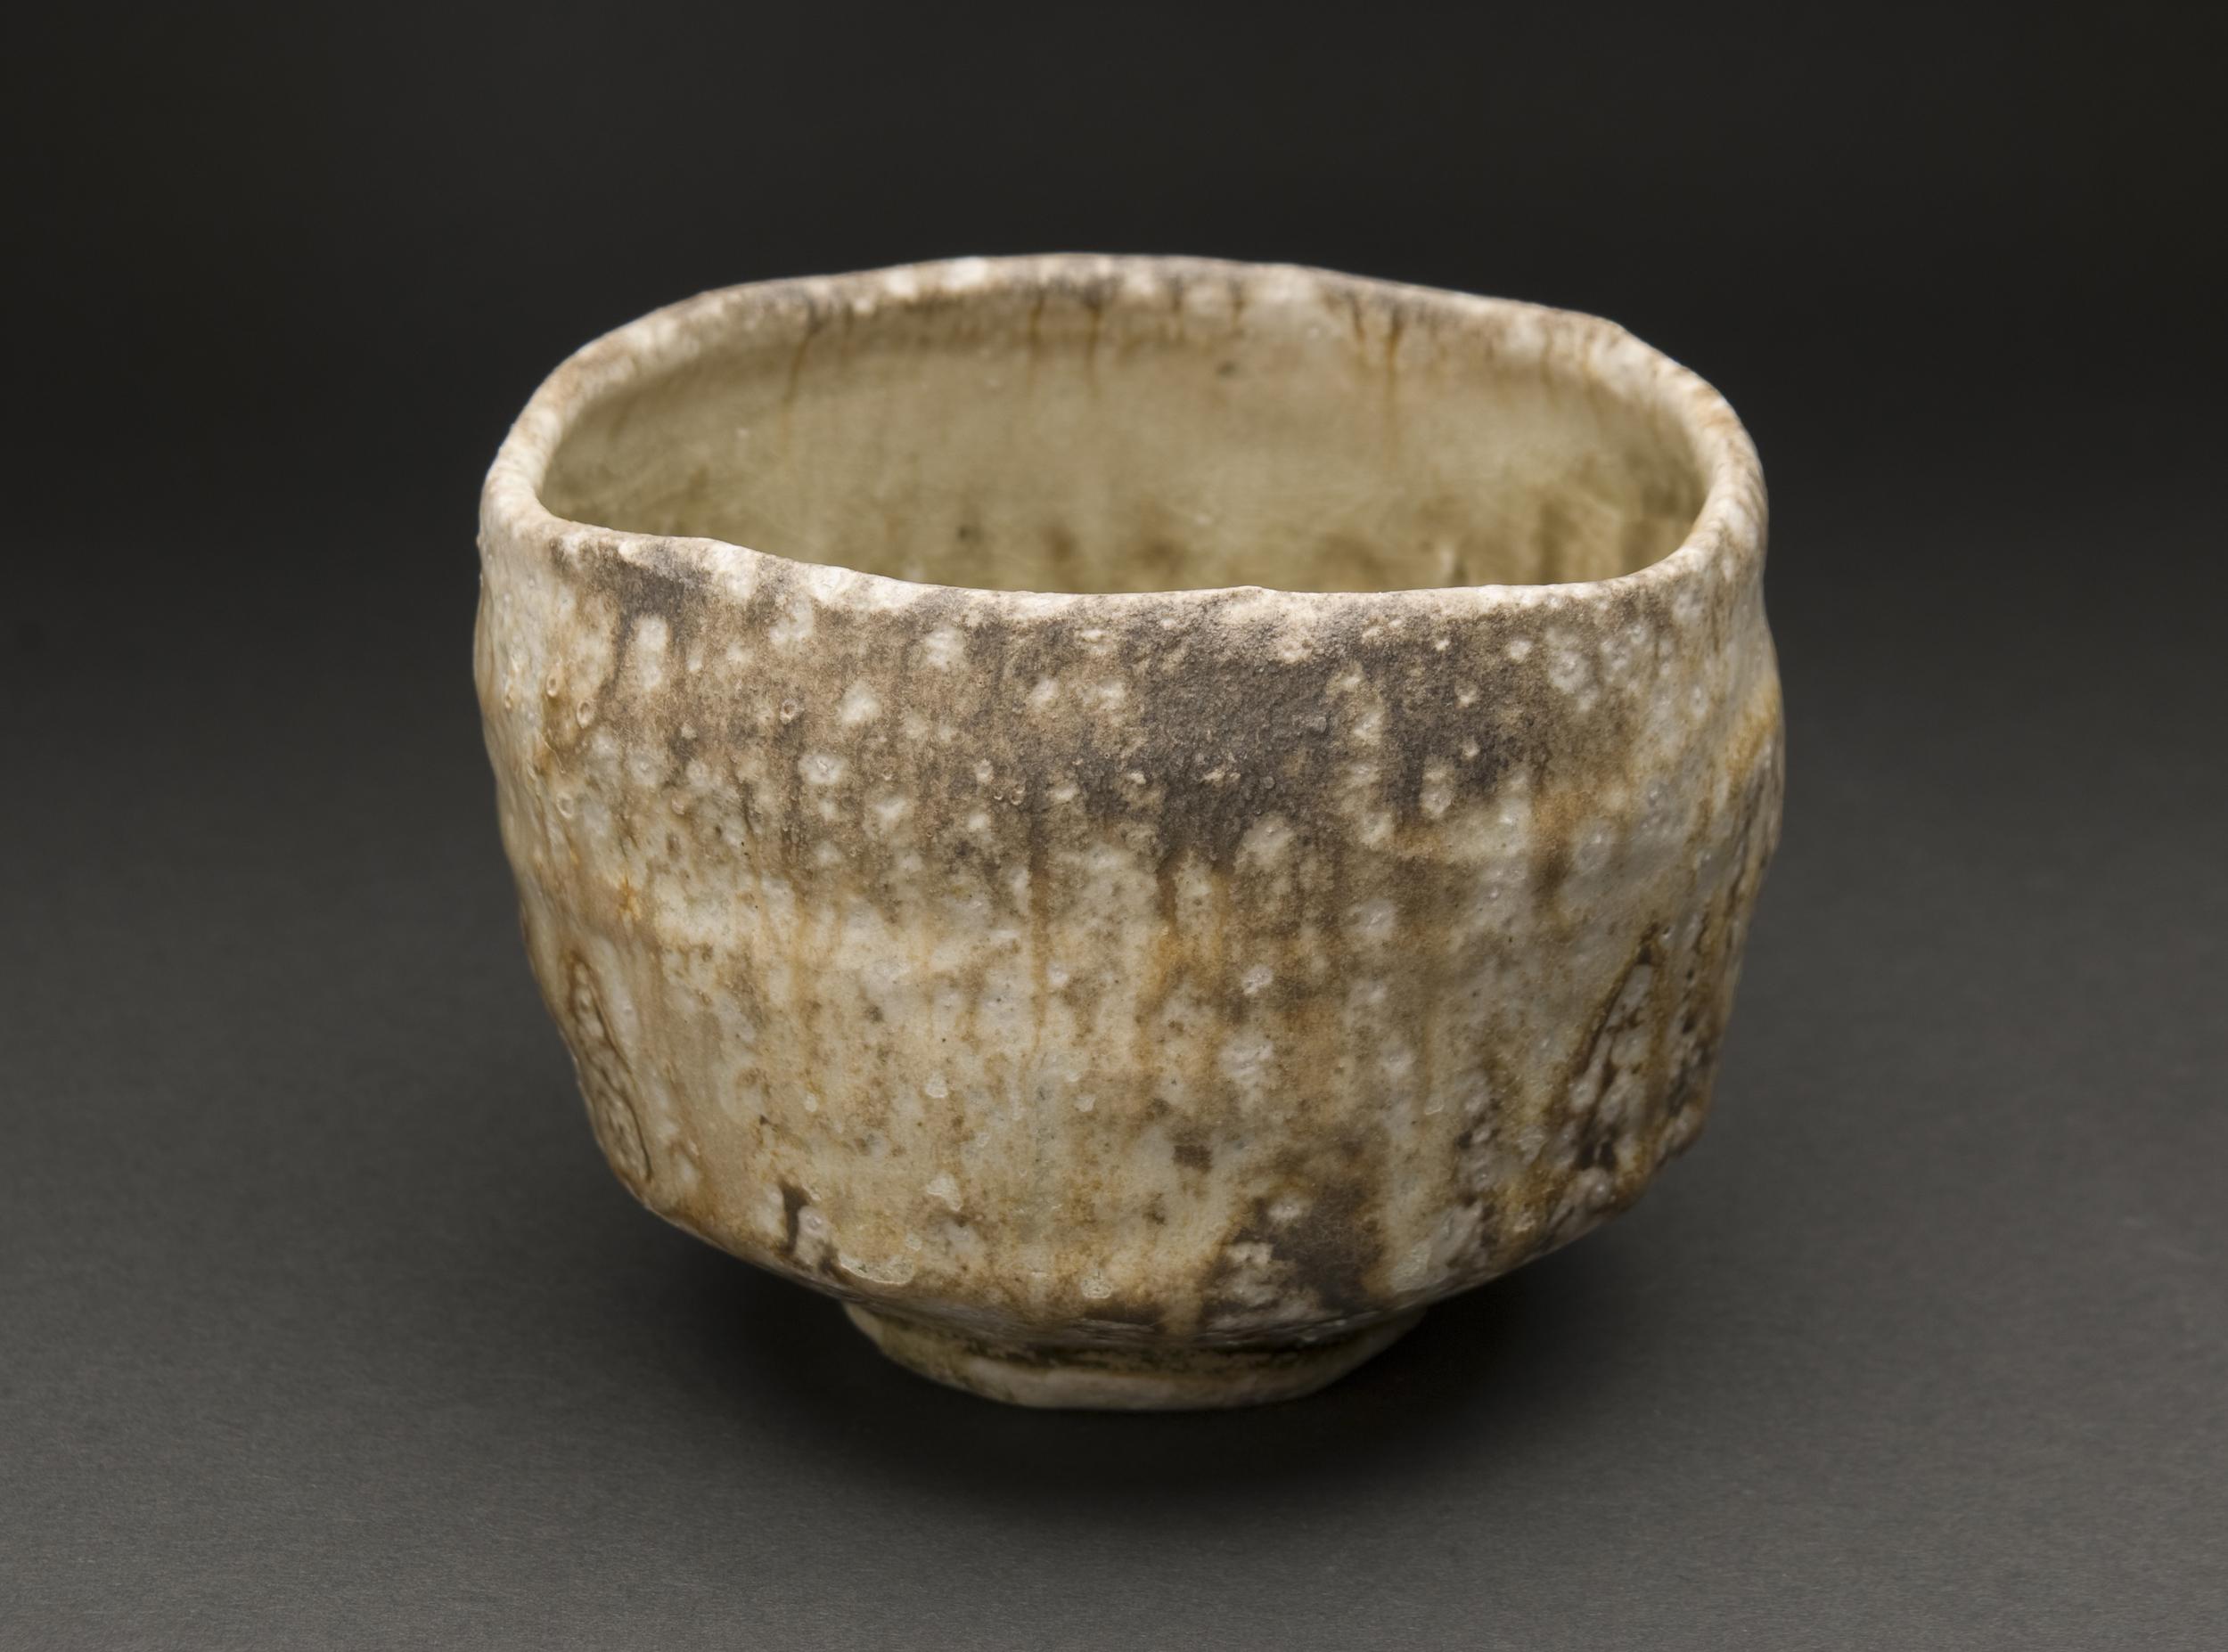 Yoh Tanimoto    Iga Chawan  , 2011 Fired Ceramic 3.75 x 5 x 5 inches / 9.5 x 12.7 x 12.7 cm / YTa 4